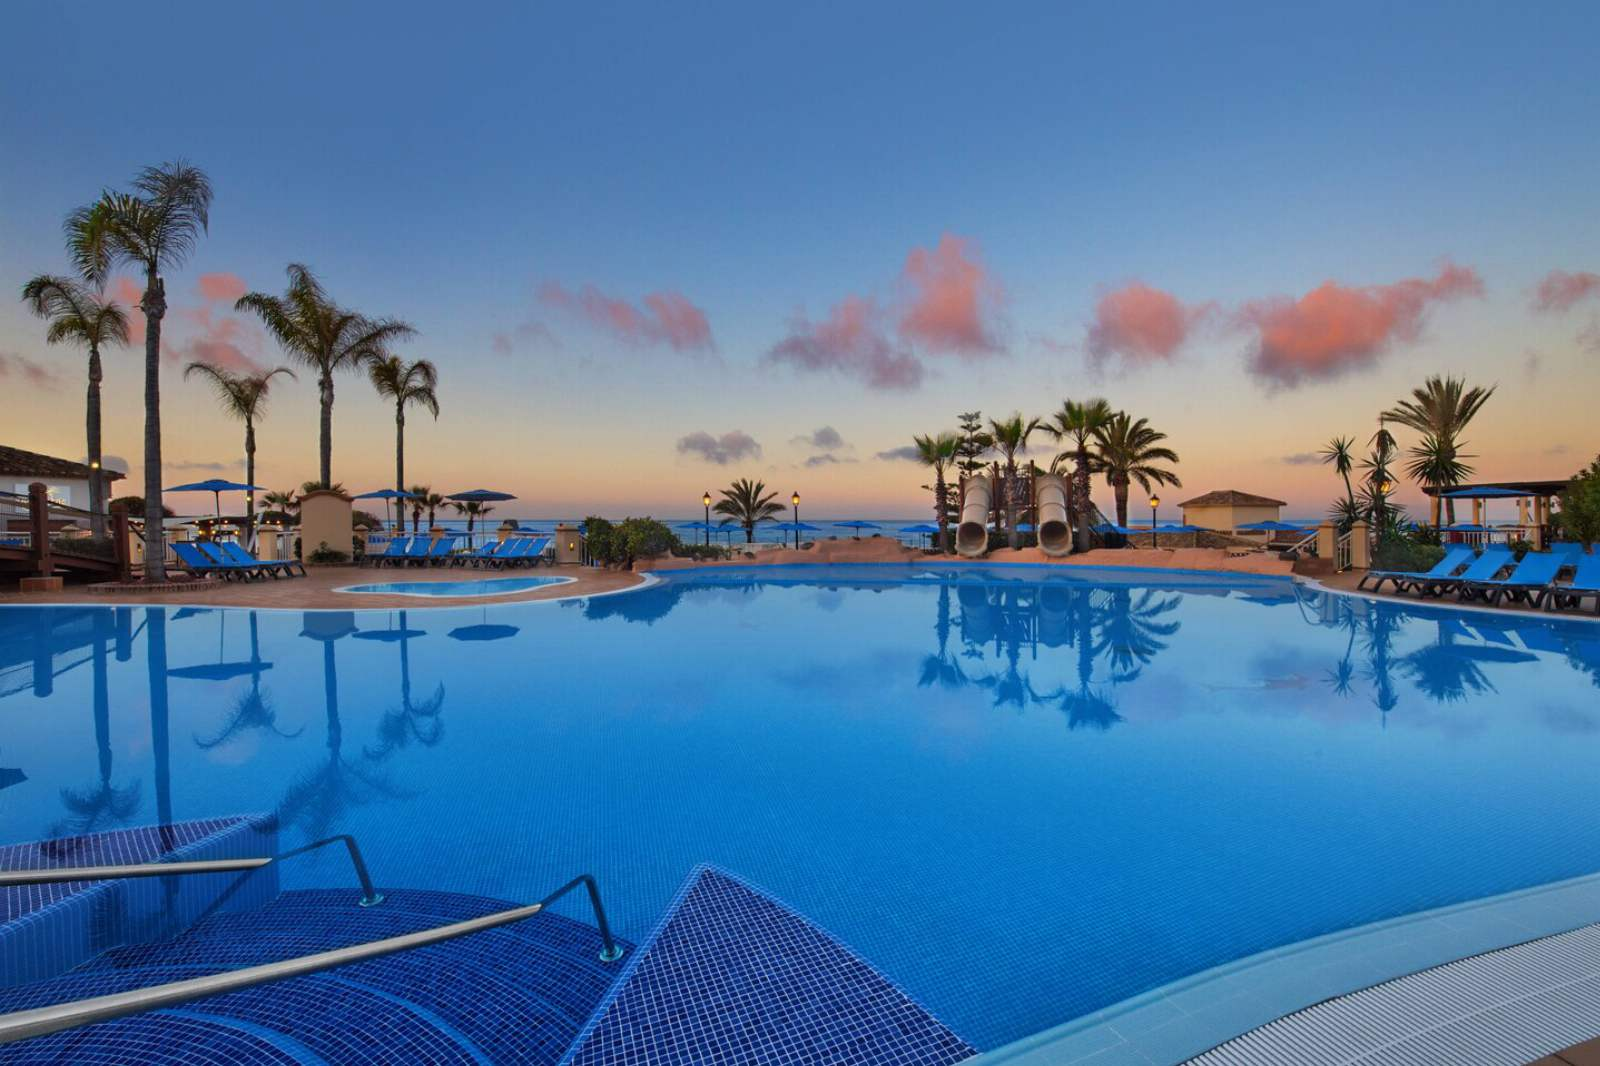 Marriott's Marbella Beach Resort - Outdoor Swimming Pool